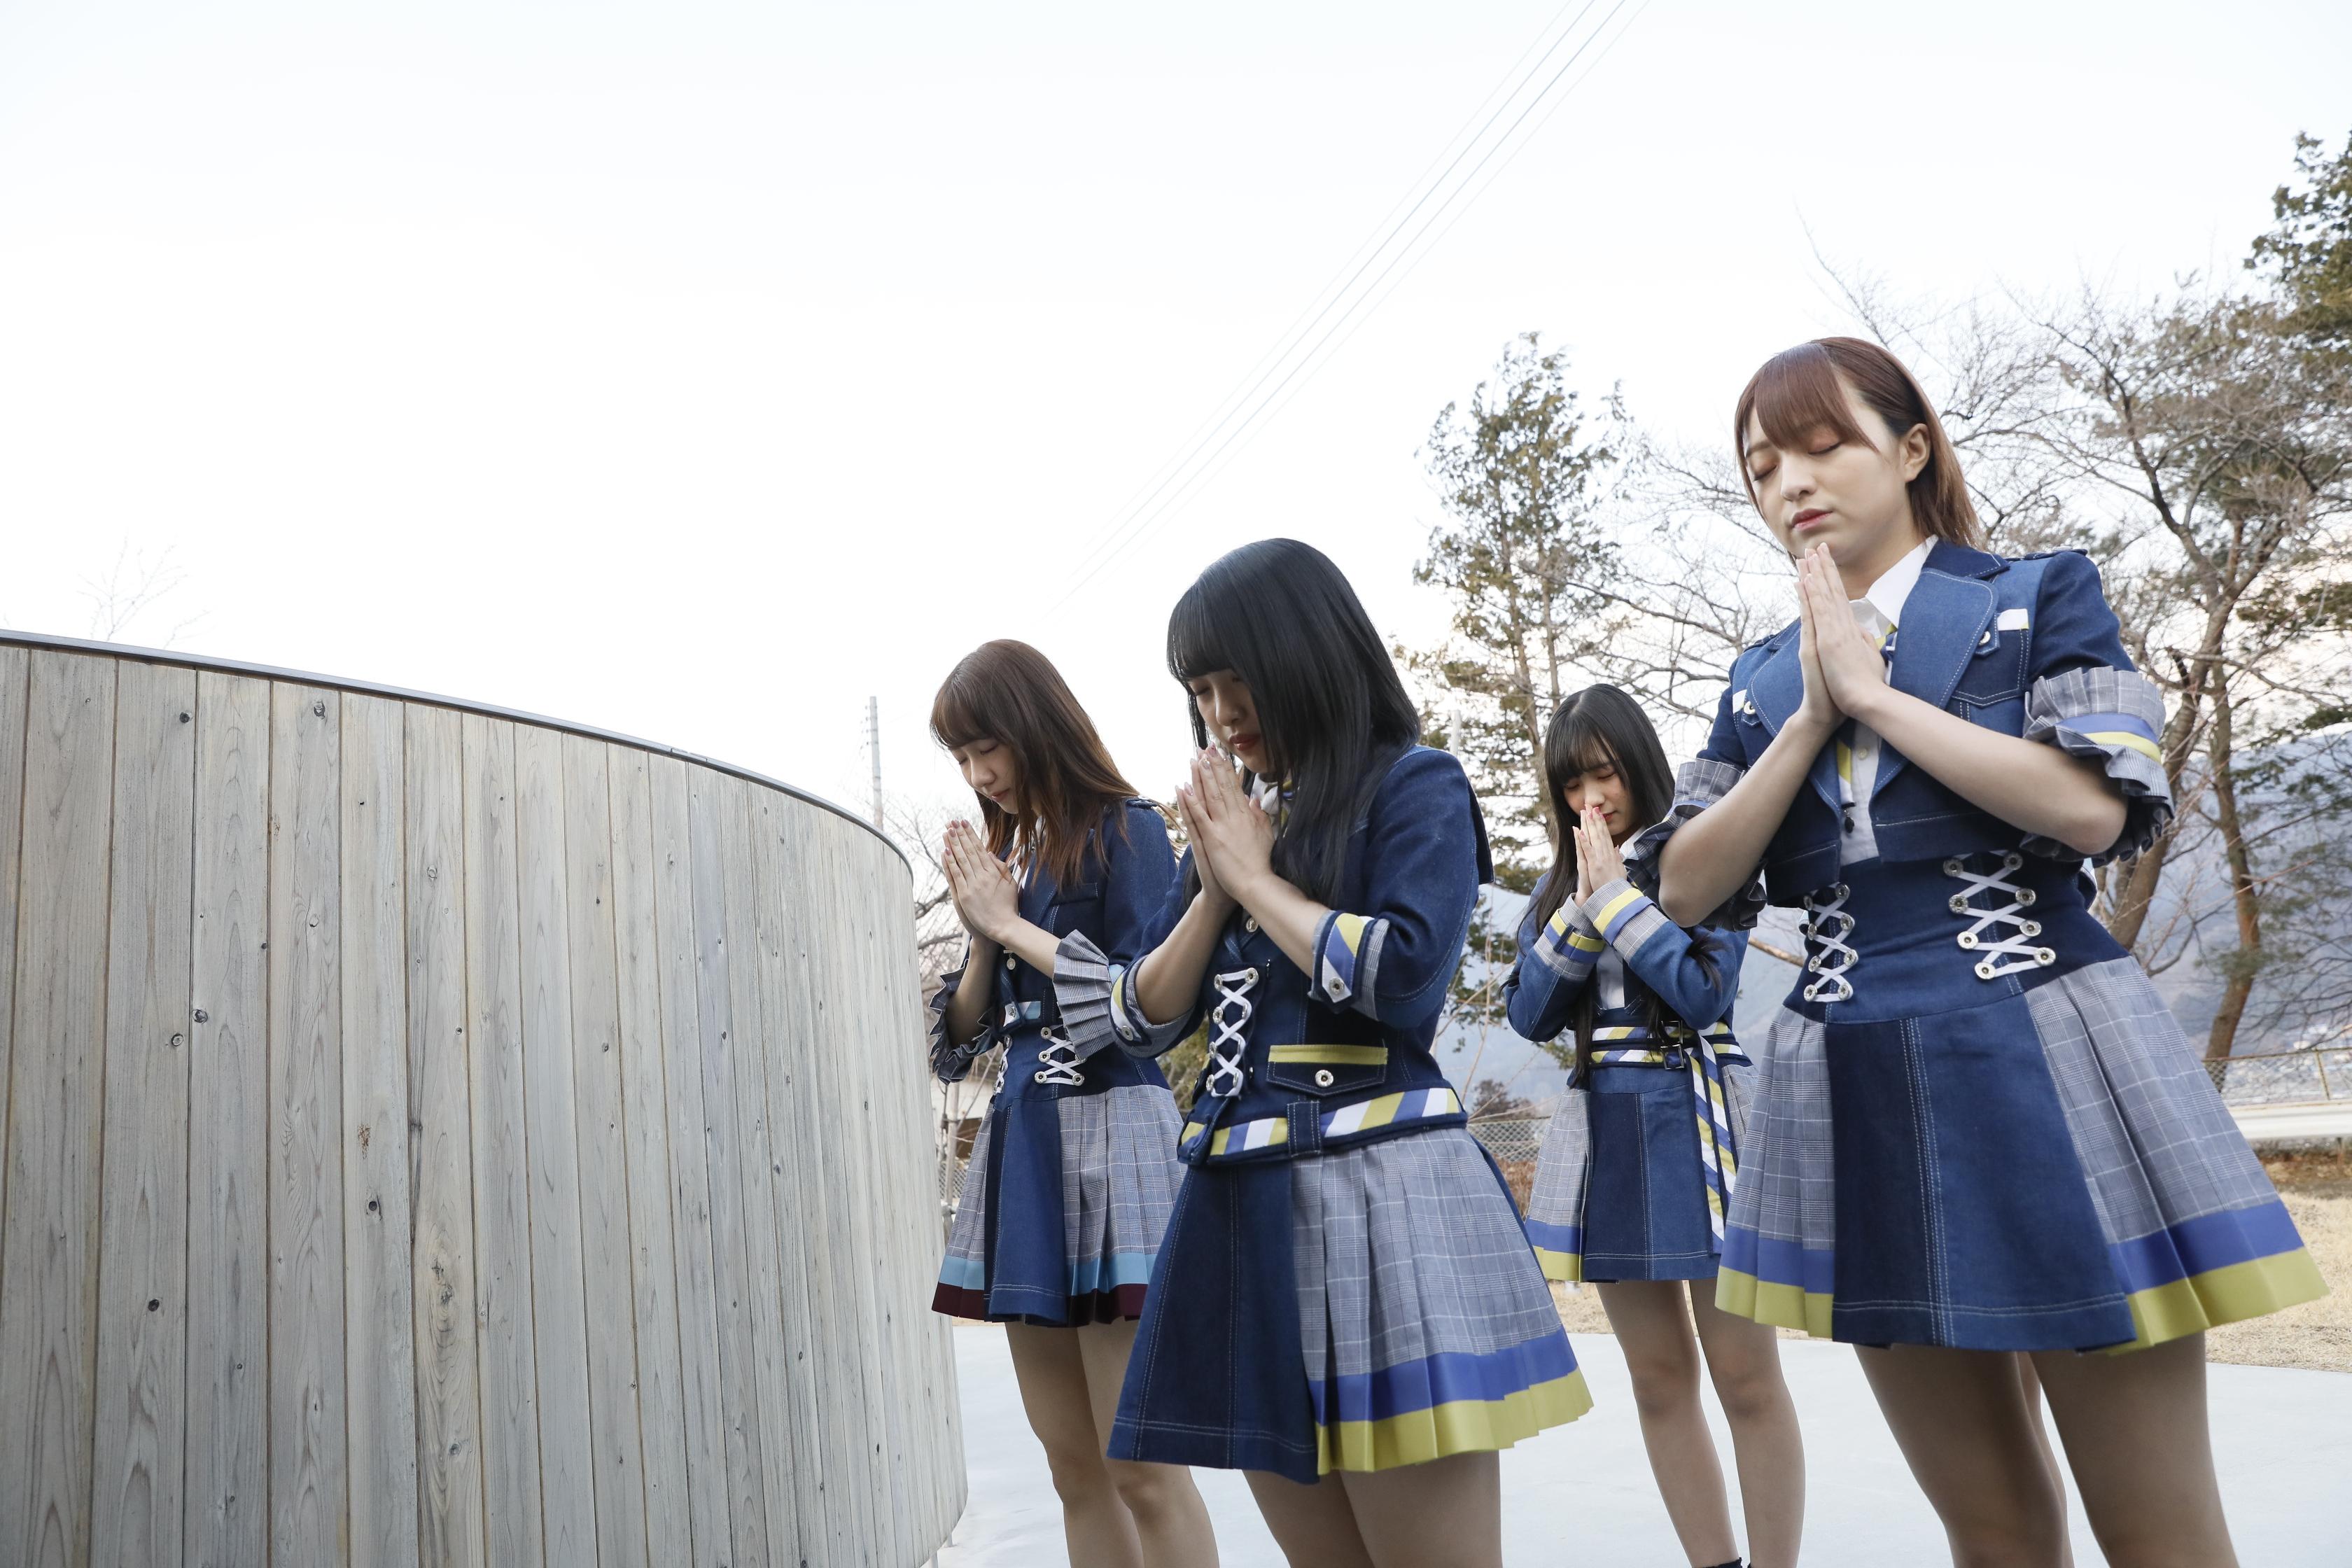 岩手県を訪問したAKB48グループメンバー 佐藤七海(右)